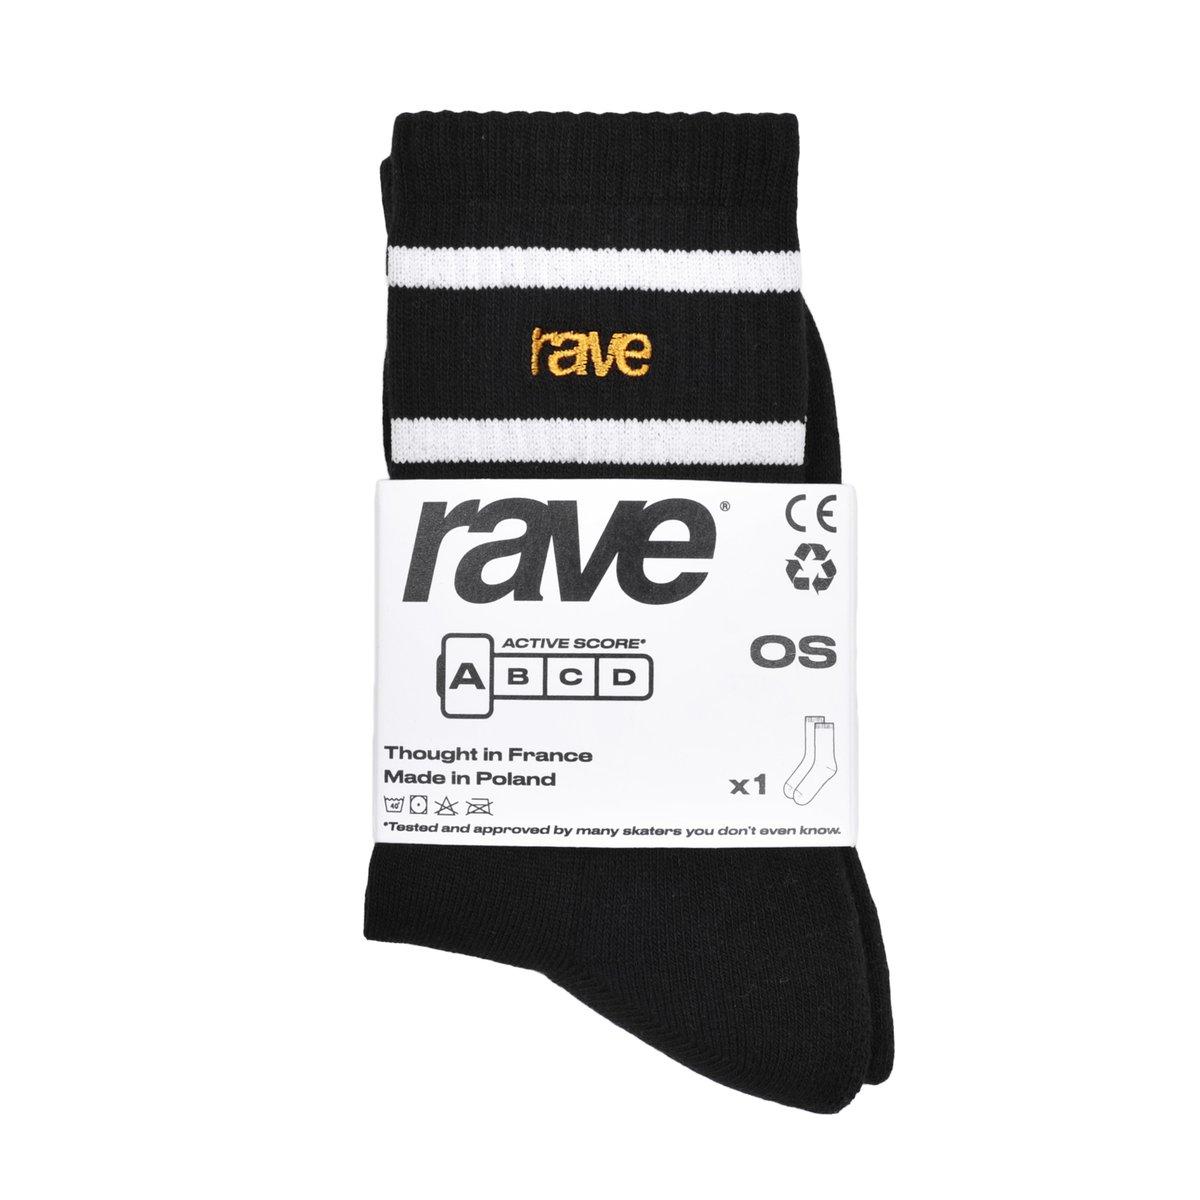 【RAVE SKATEBOARDS/レイブスケートボード】RAVE LOGO SOCKS (PACK OF 3 PAIRS) ソックス / BLACK